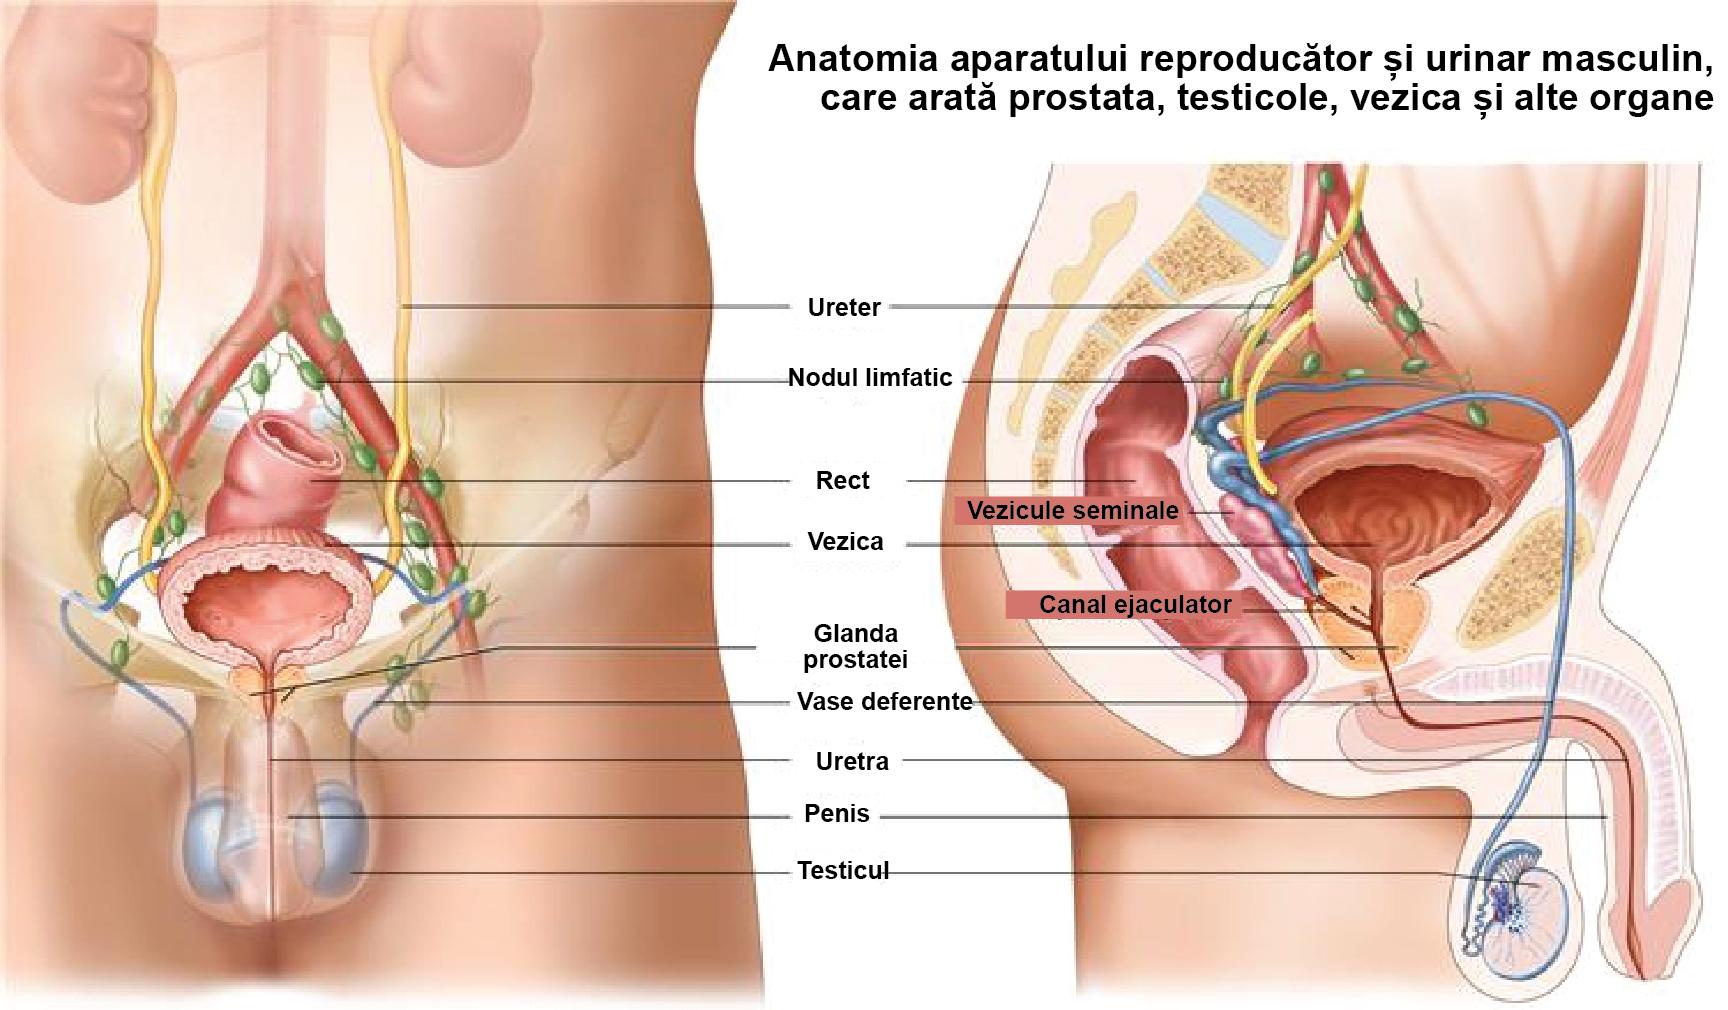 este o alimentatie sanatoasa pentru cei ce sufera de prostata